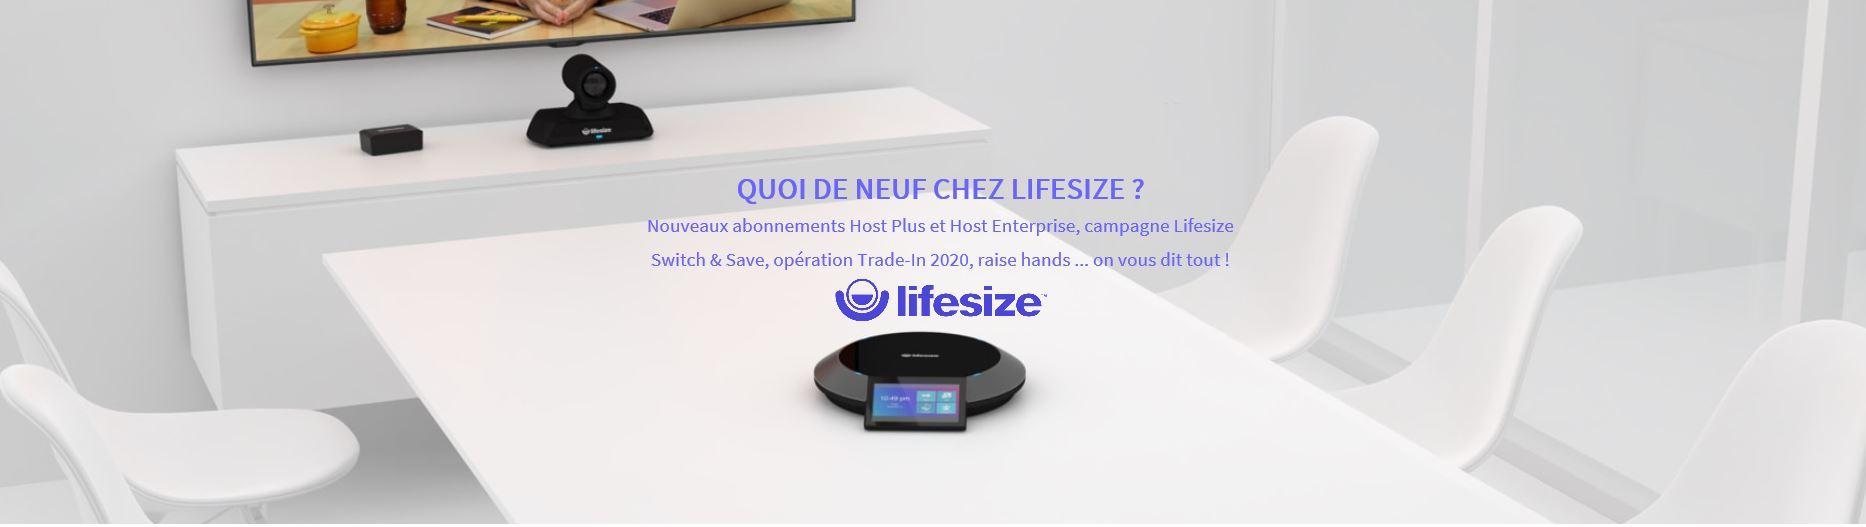 Quoi de neuf chez Lifesize ? Tour d´horizon de toutes les nouveautés et mises à jour techniques qui ont eu lieu  chez Lifesize au cours de ces trois derniers mois.